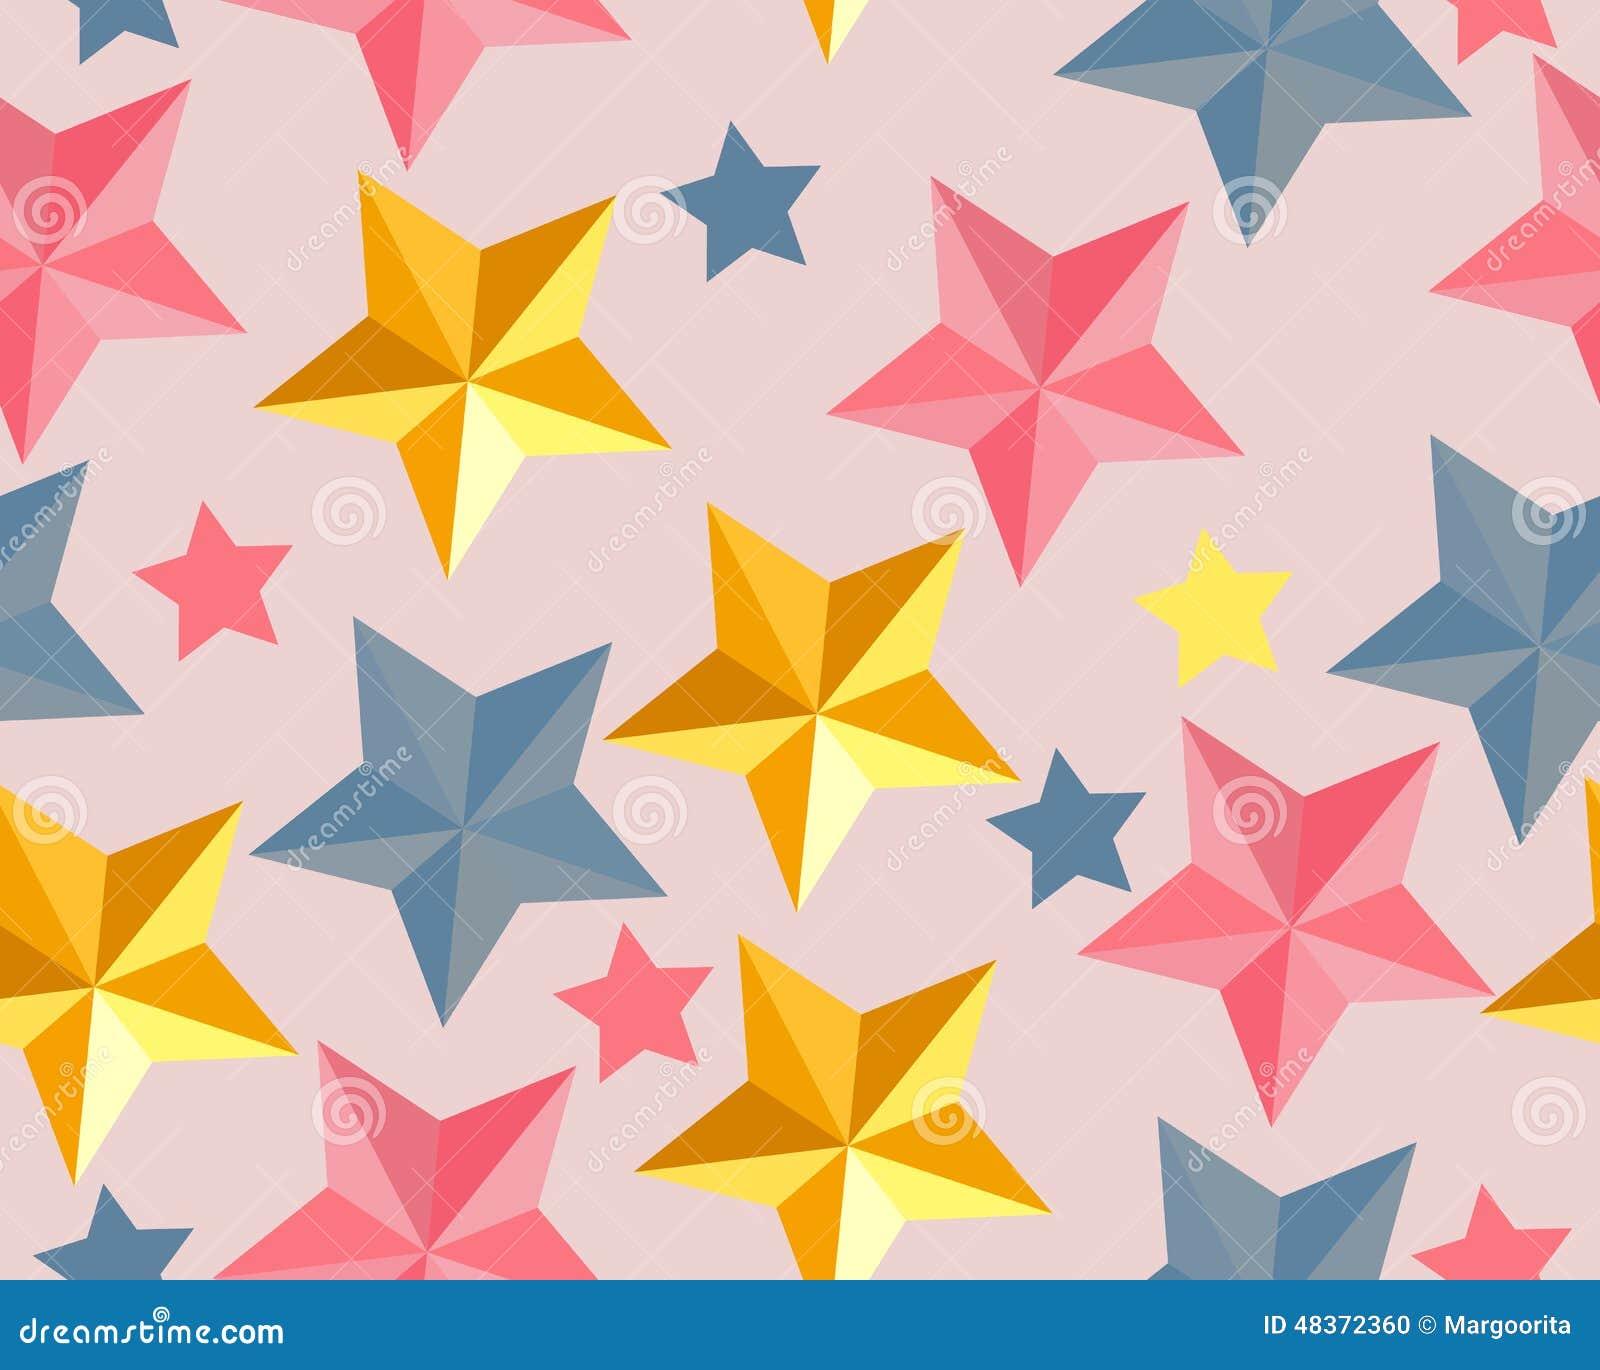 abstractstars abstract stars patterns - photo #18